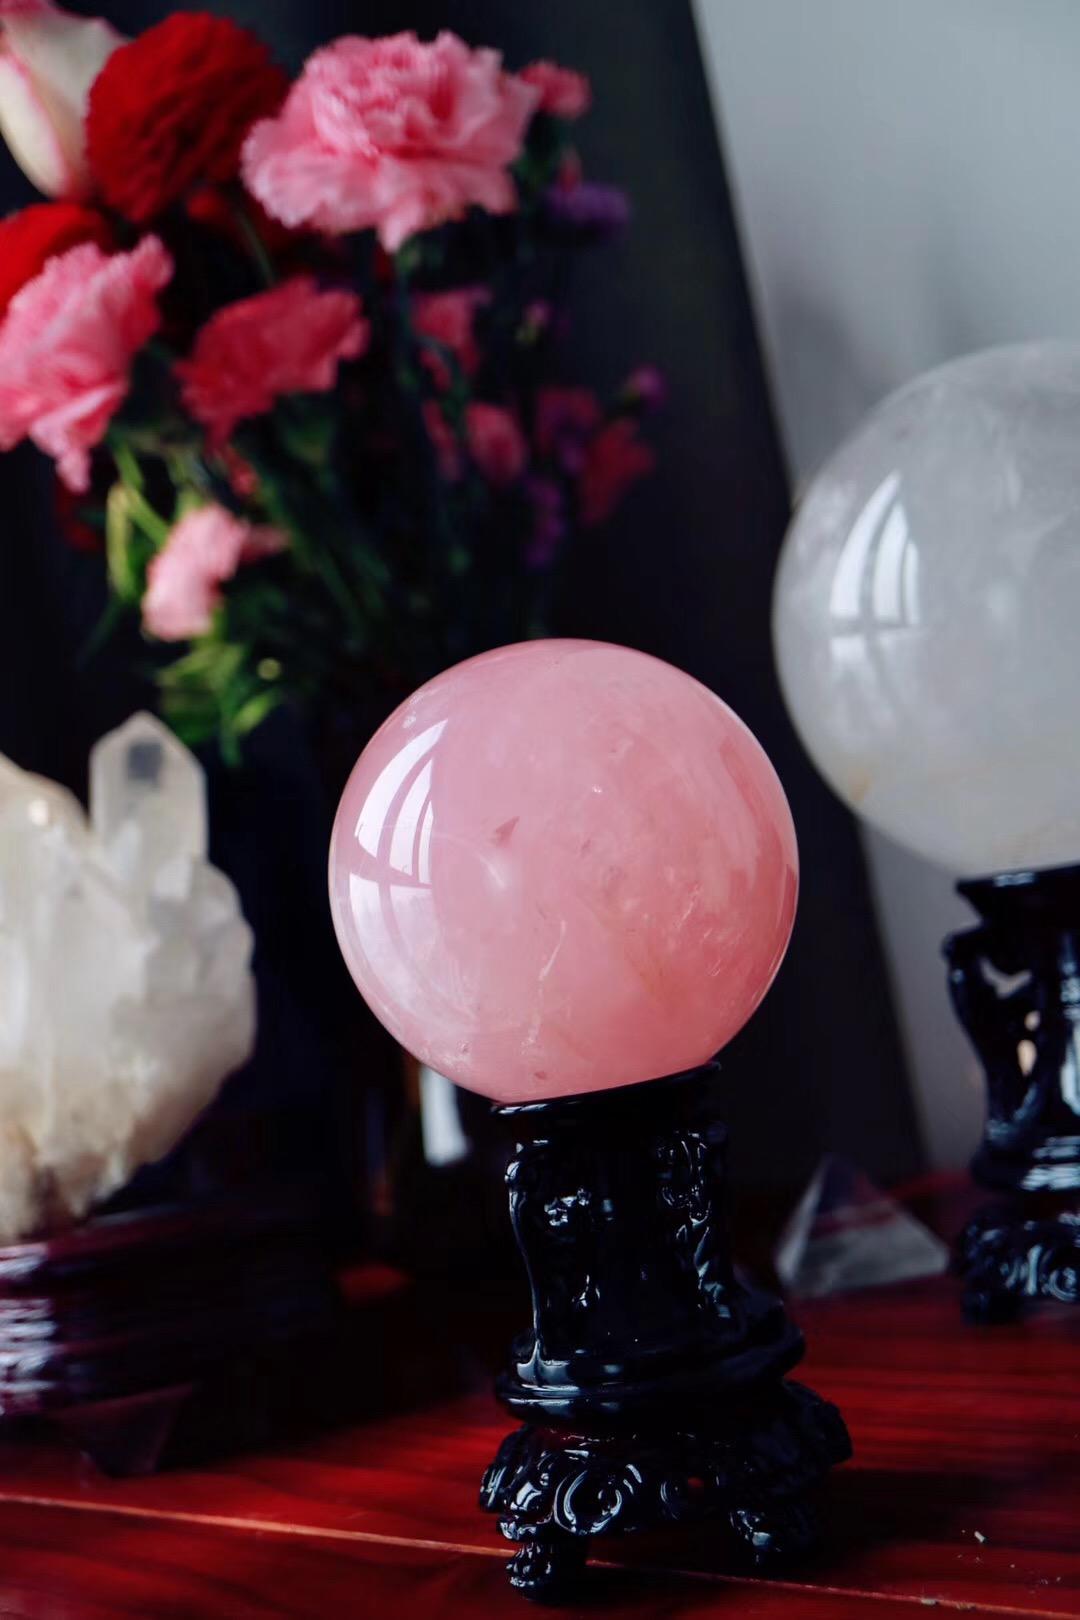 【菩心粉晶球 】散发的粉红色频率可疗愈心中所积累的多年郁结-菩心晶舍